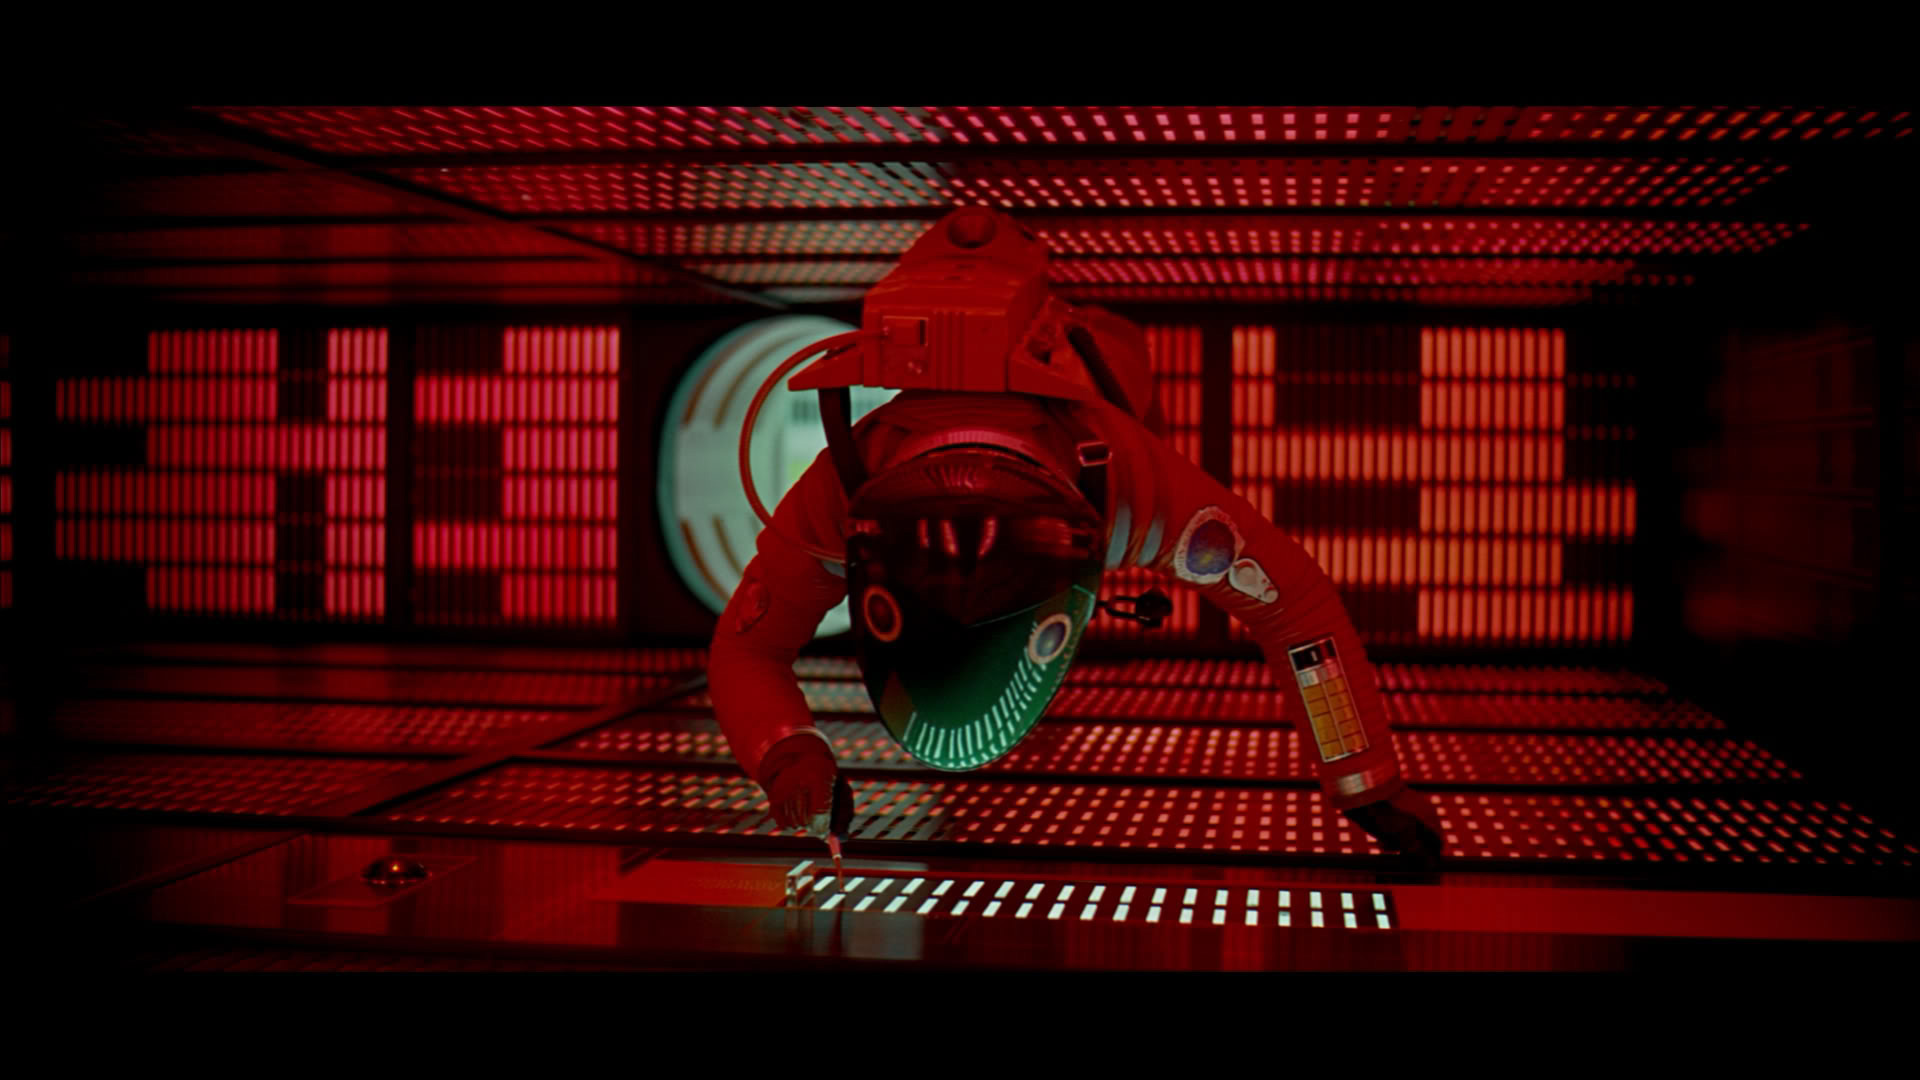 Смотреть фильм 2001 год : Космическая одиссея онлайн бесплатно в хорошем